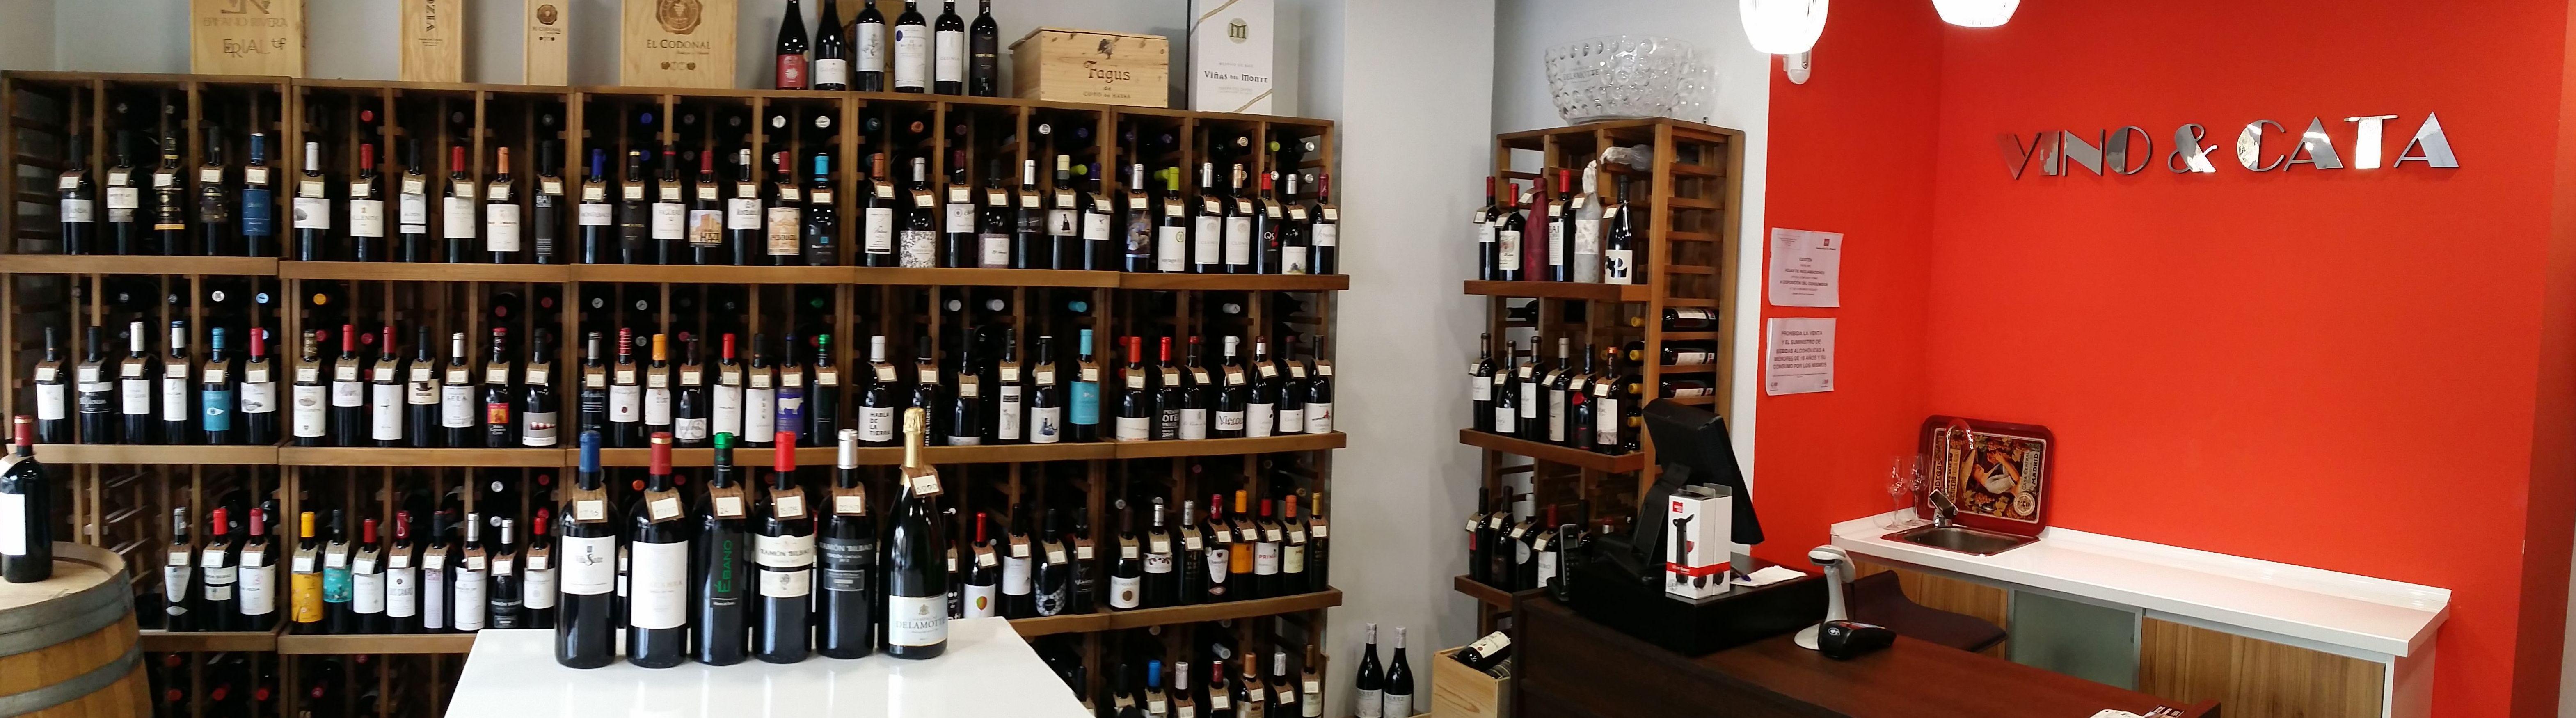 Gran variedad de vinos de calidad en Arganzuela